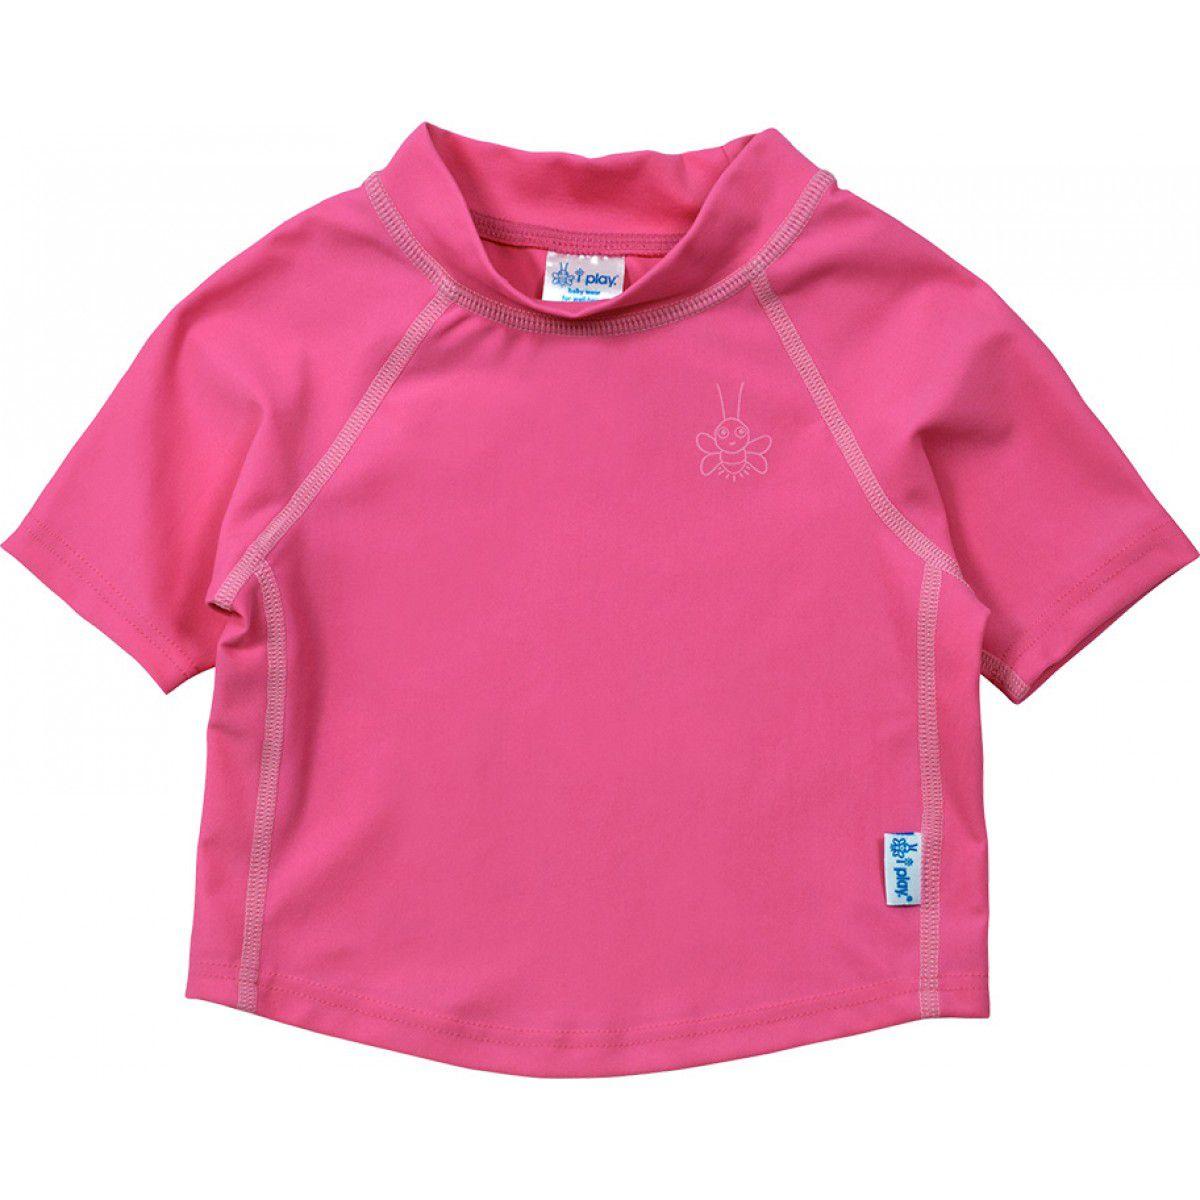 Camisa de Banho Infantil IPlay Manga Curta FPS 50+ Rosa